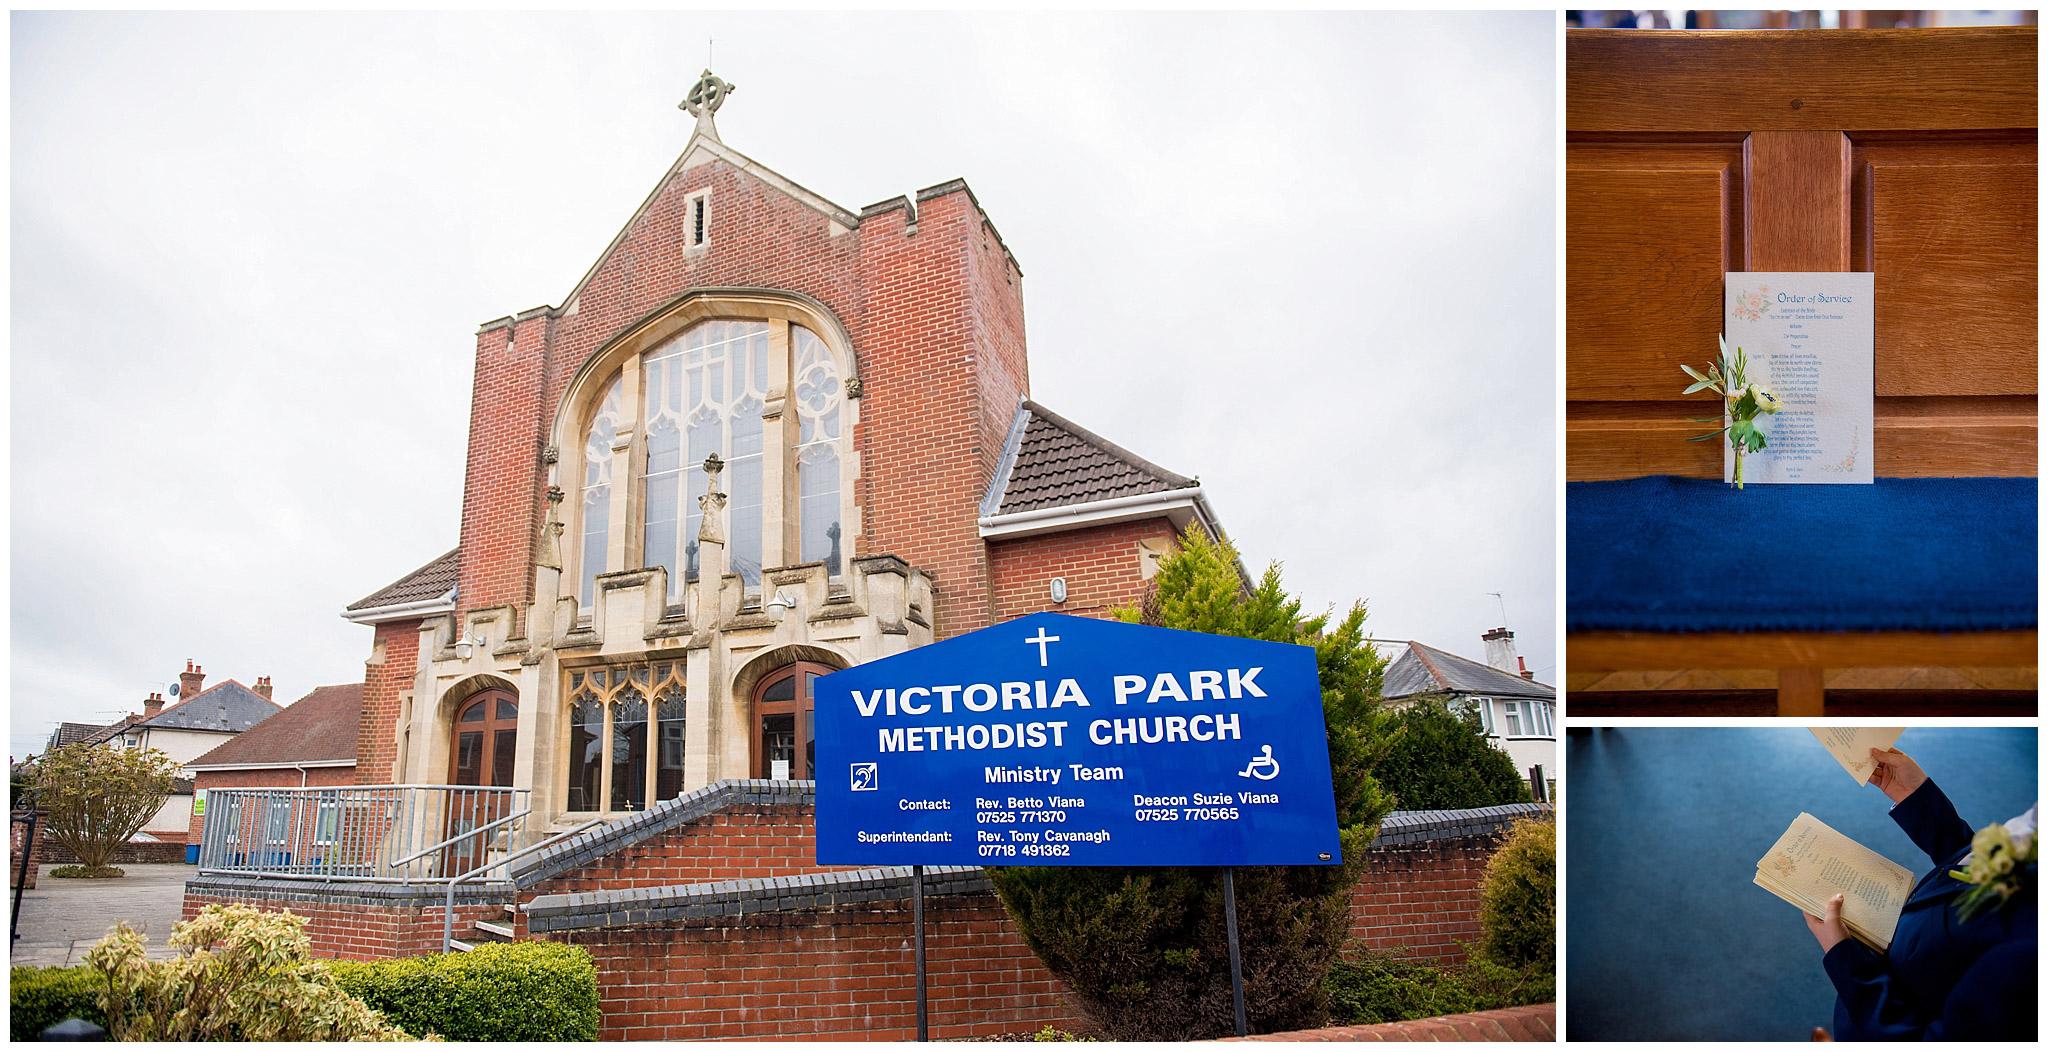 Katie-&-Steve-Victoria-Park-Methodist-Chruch-Winton-&-The-Manor-Burton-Christchurch-Wedding-13